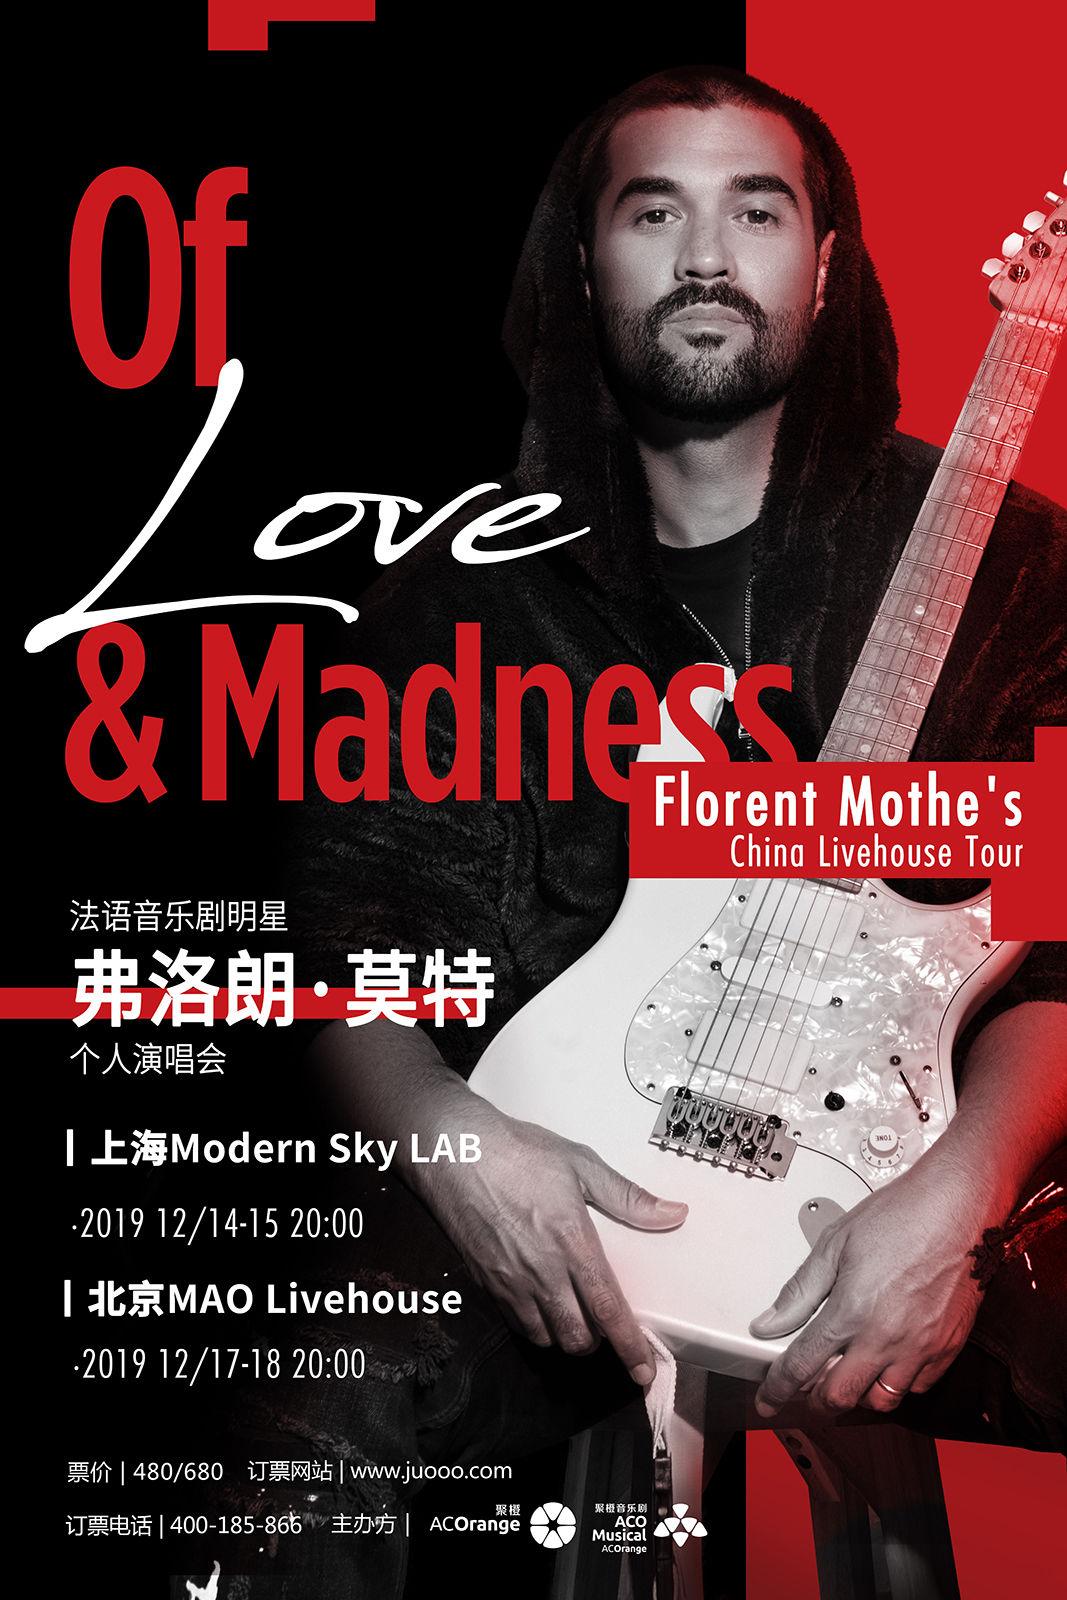 法語音樂劇明星弗洛朗·莫特個人演唱會12月上海、北京率先開唱